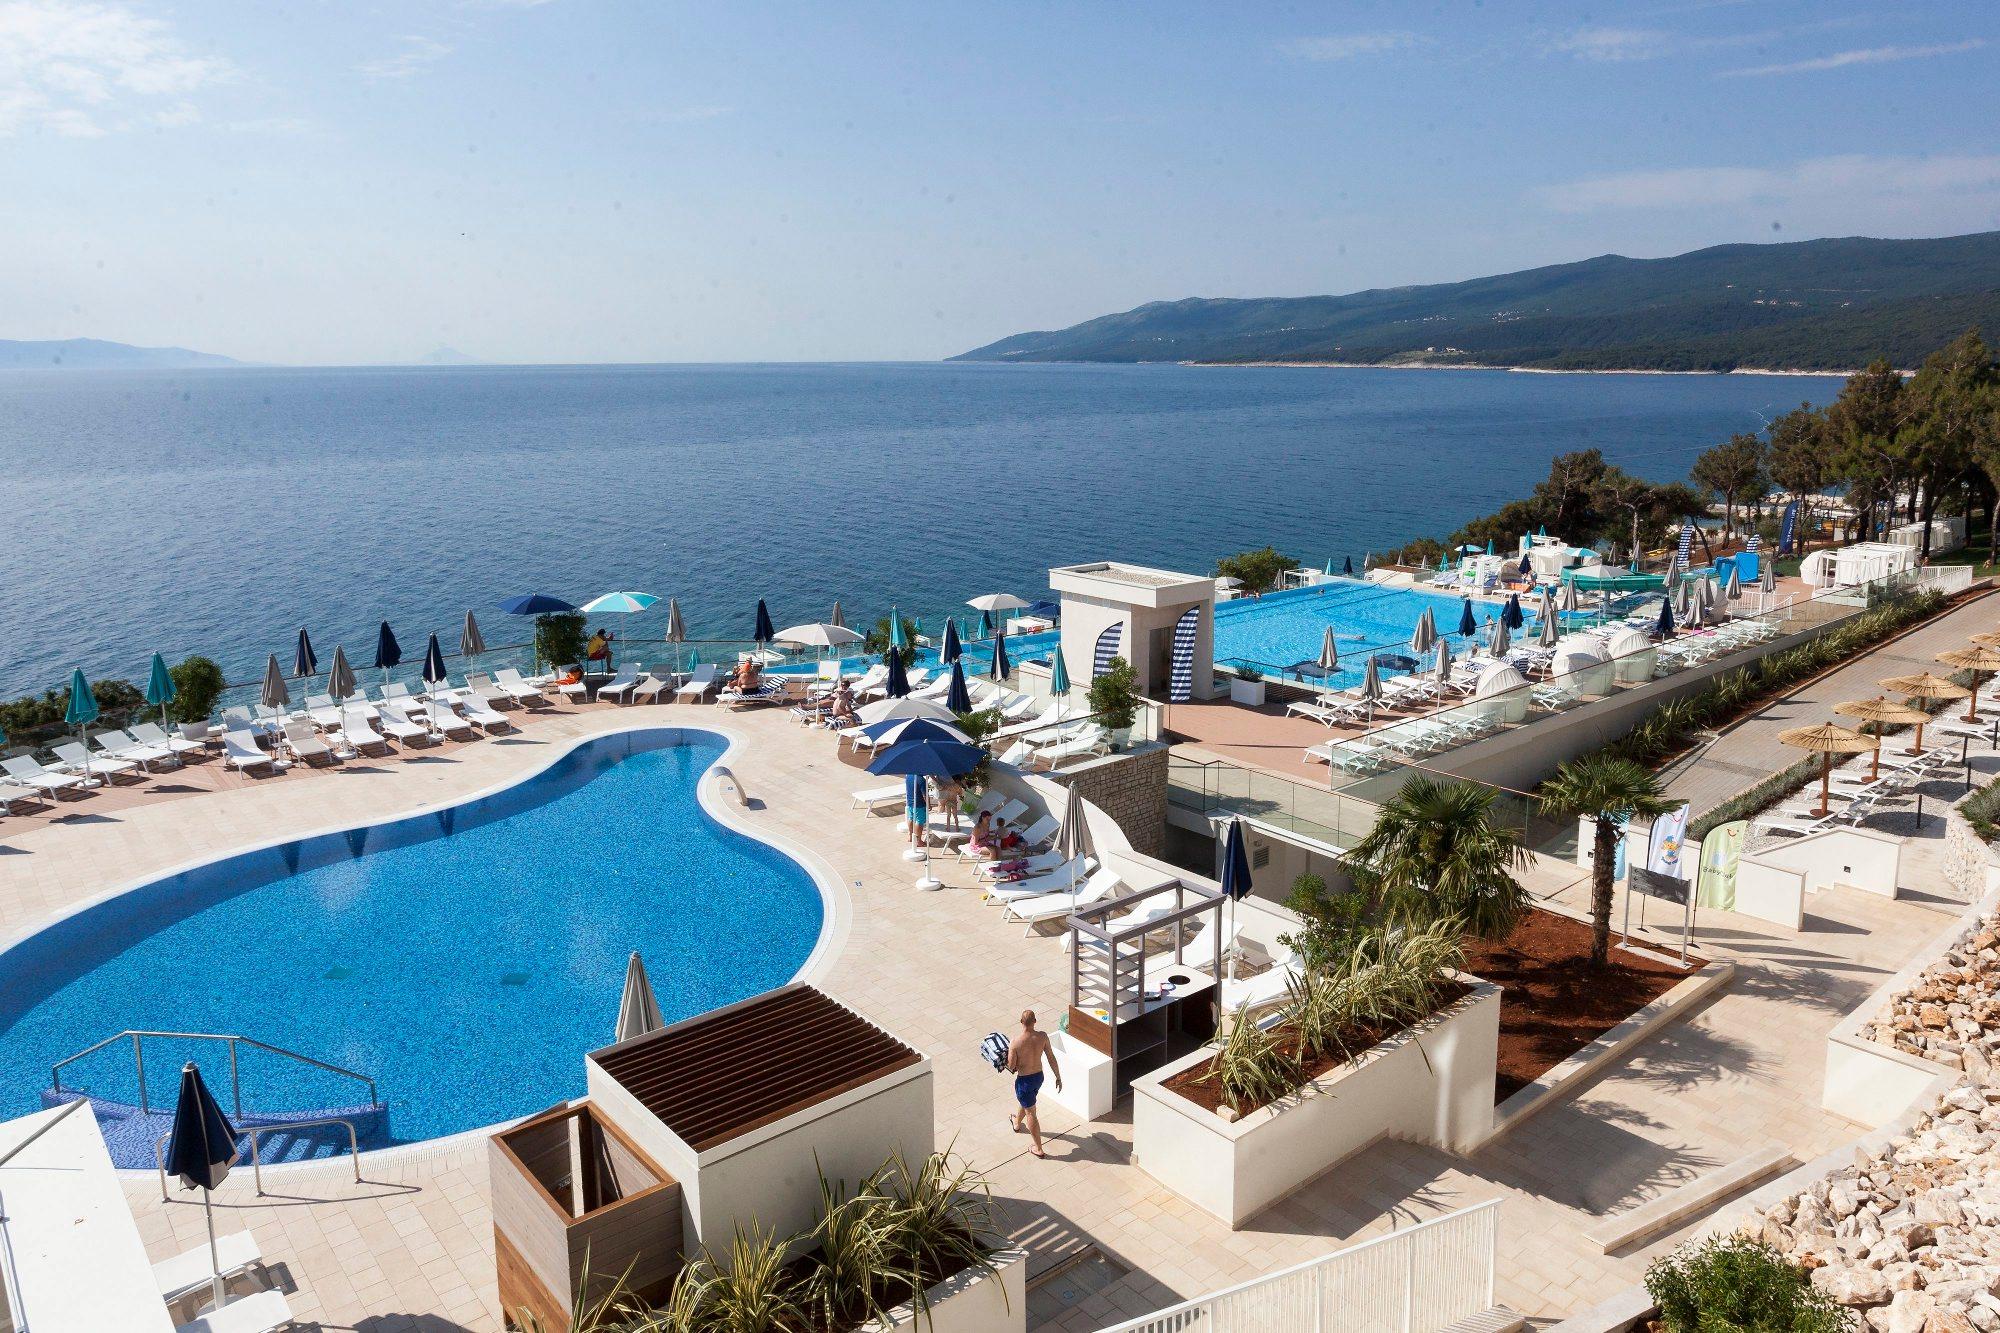 Hotel Bellvue u Rapcu (Valamar Riviera)